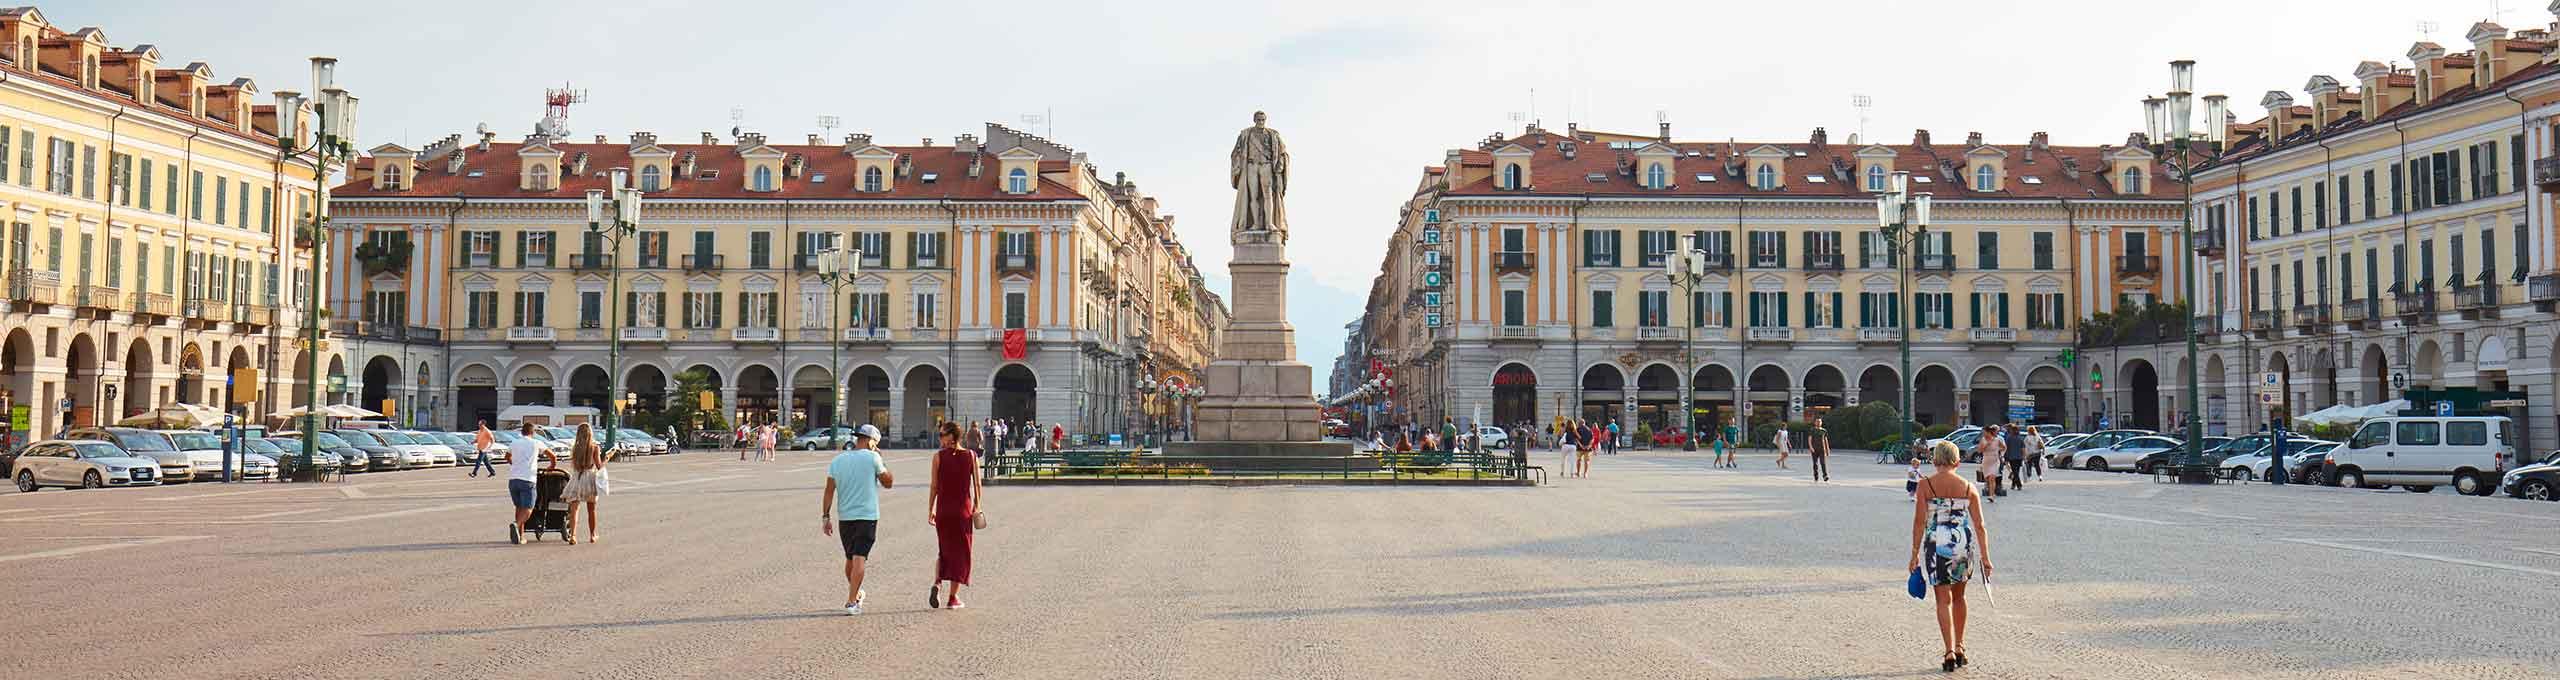 Cuneo, Piazza Galimberti, statua di Barbaroux